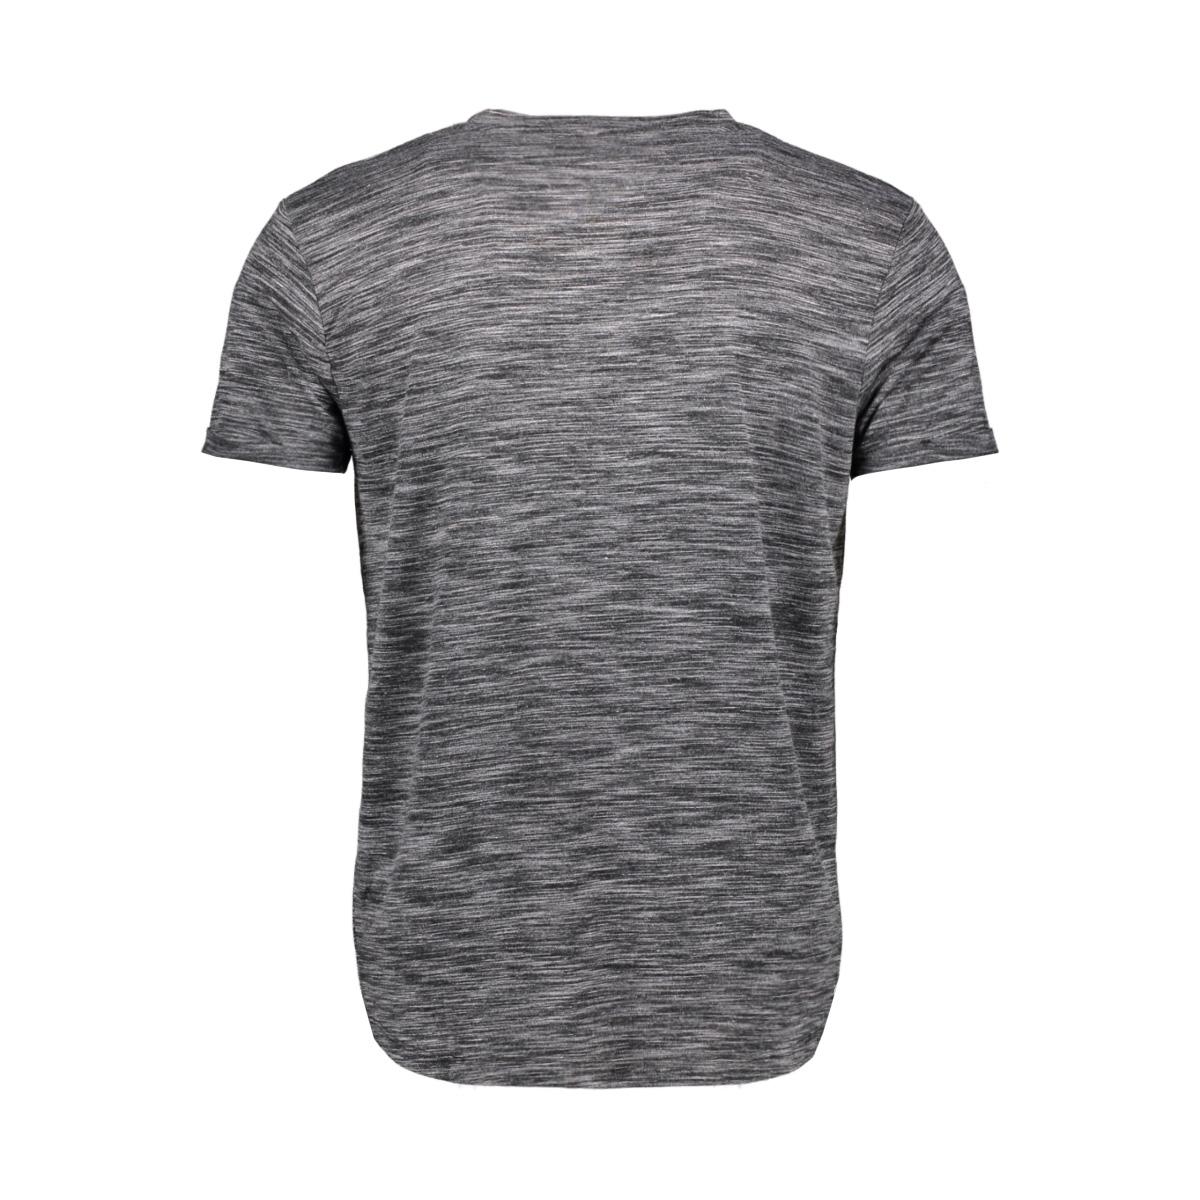 t shirt met een simpele print 1016307xx12 tom tailor t-shirt 10723